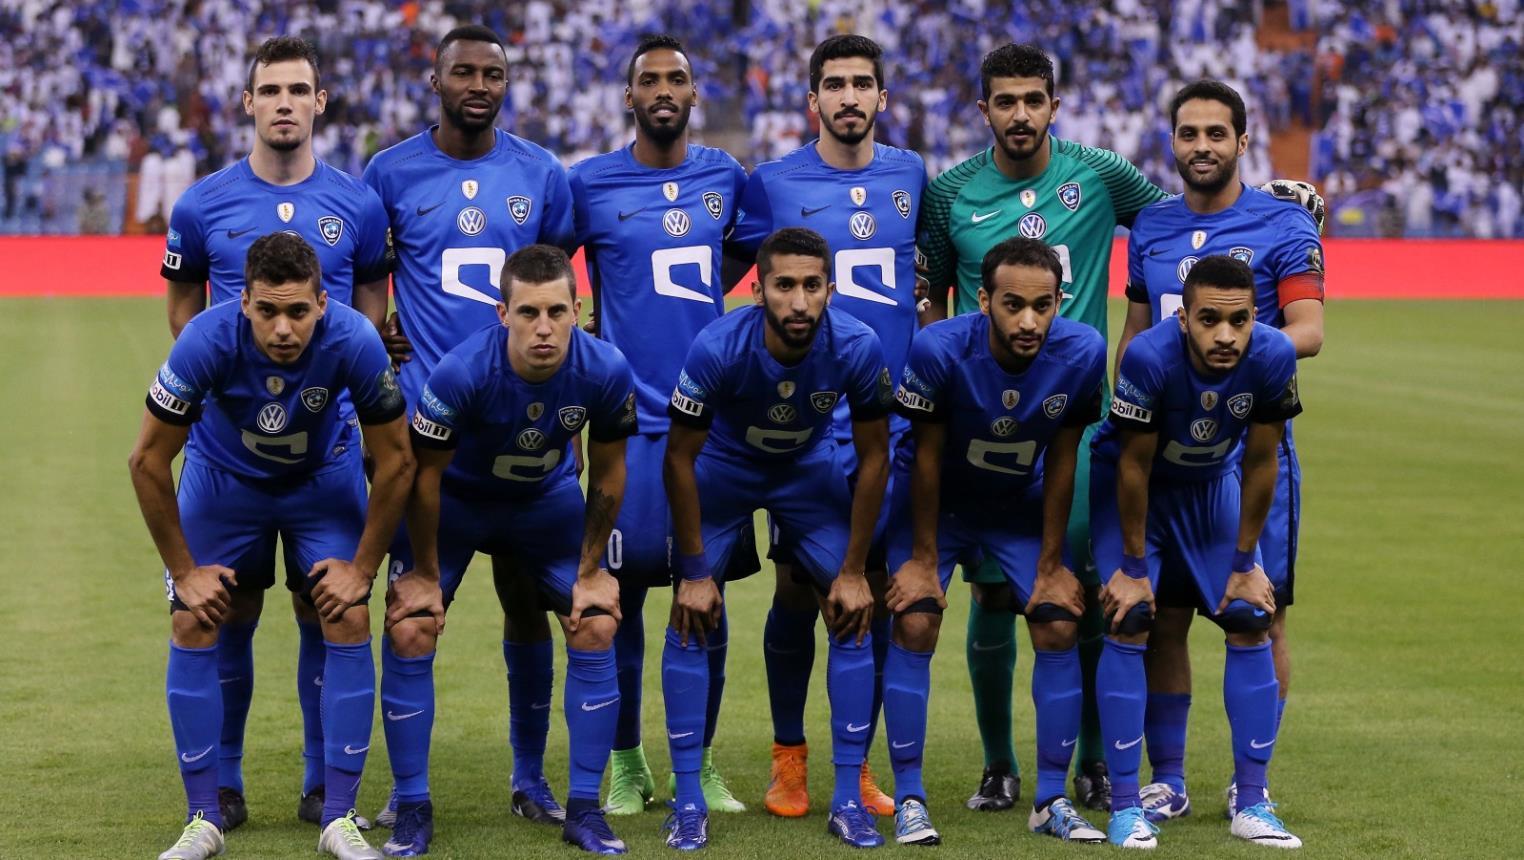 بعد هزيمة الأمس..المباريات المتبقية للنصر والهلال بالدوري السعودي